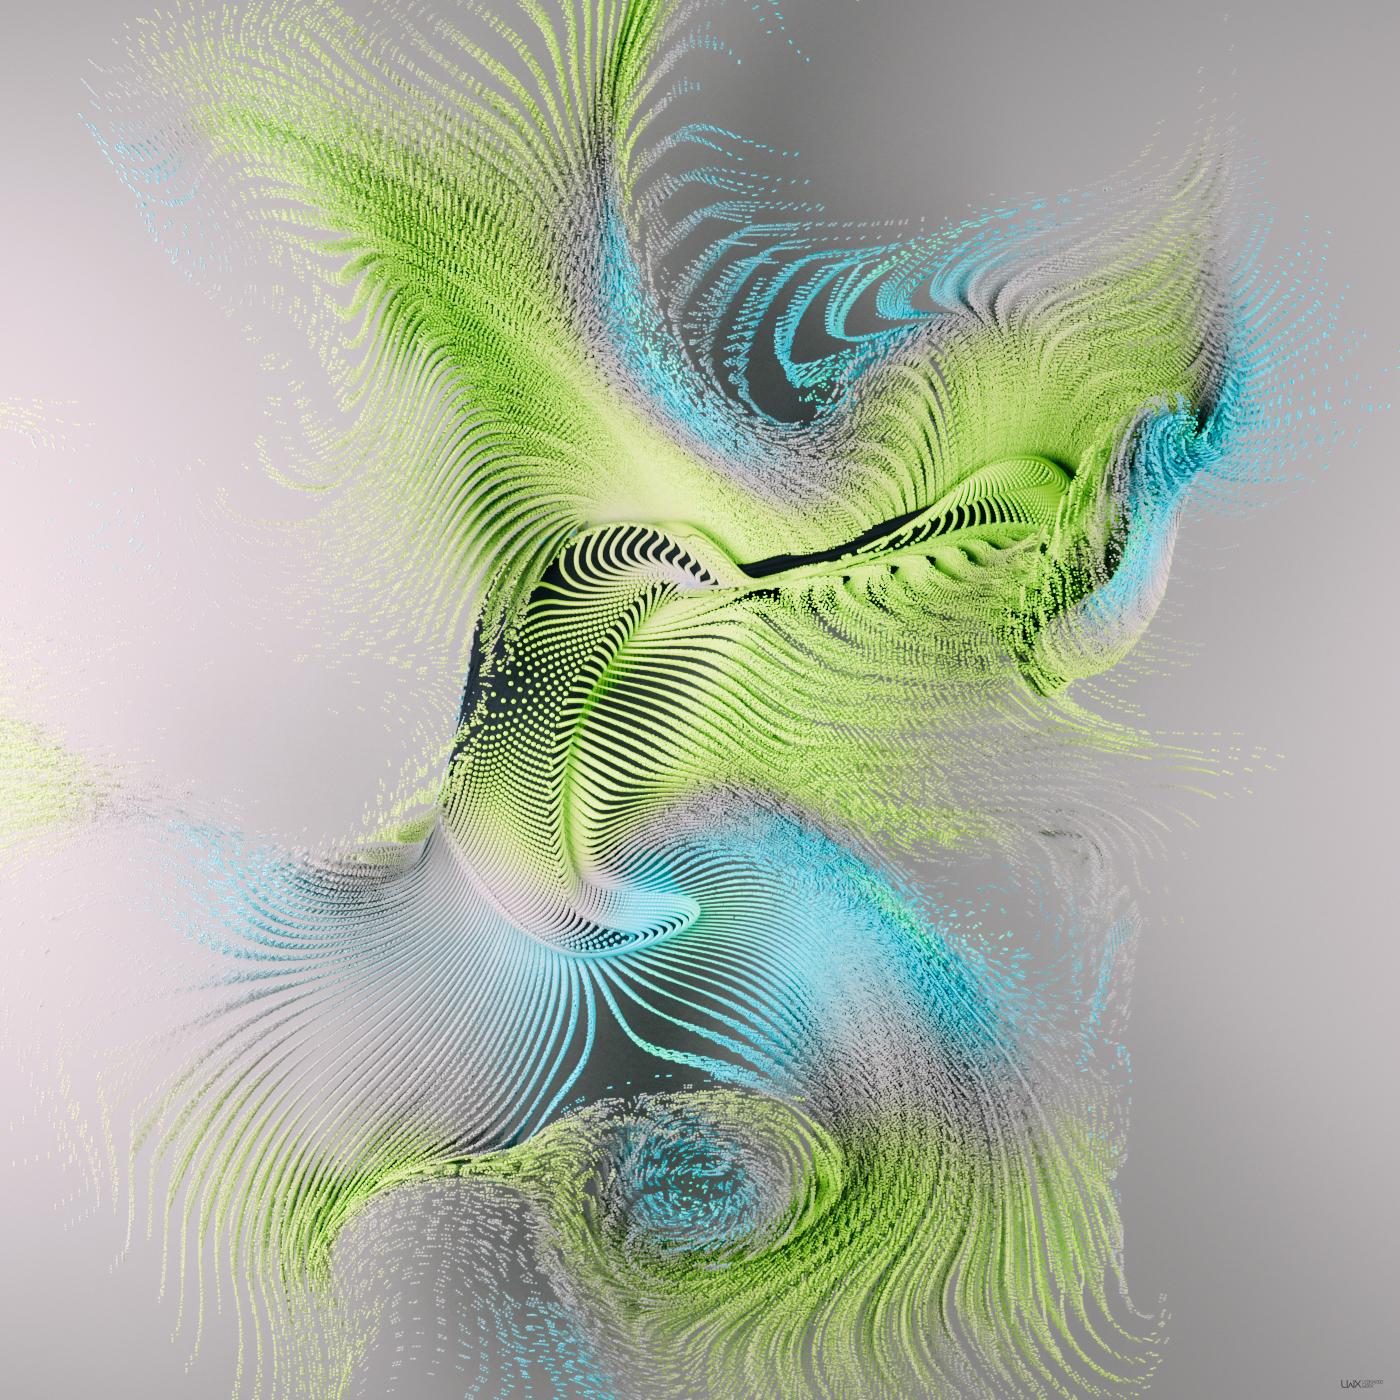 leonardoworx-color6.jpg